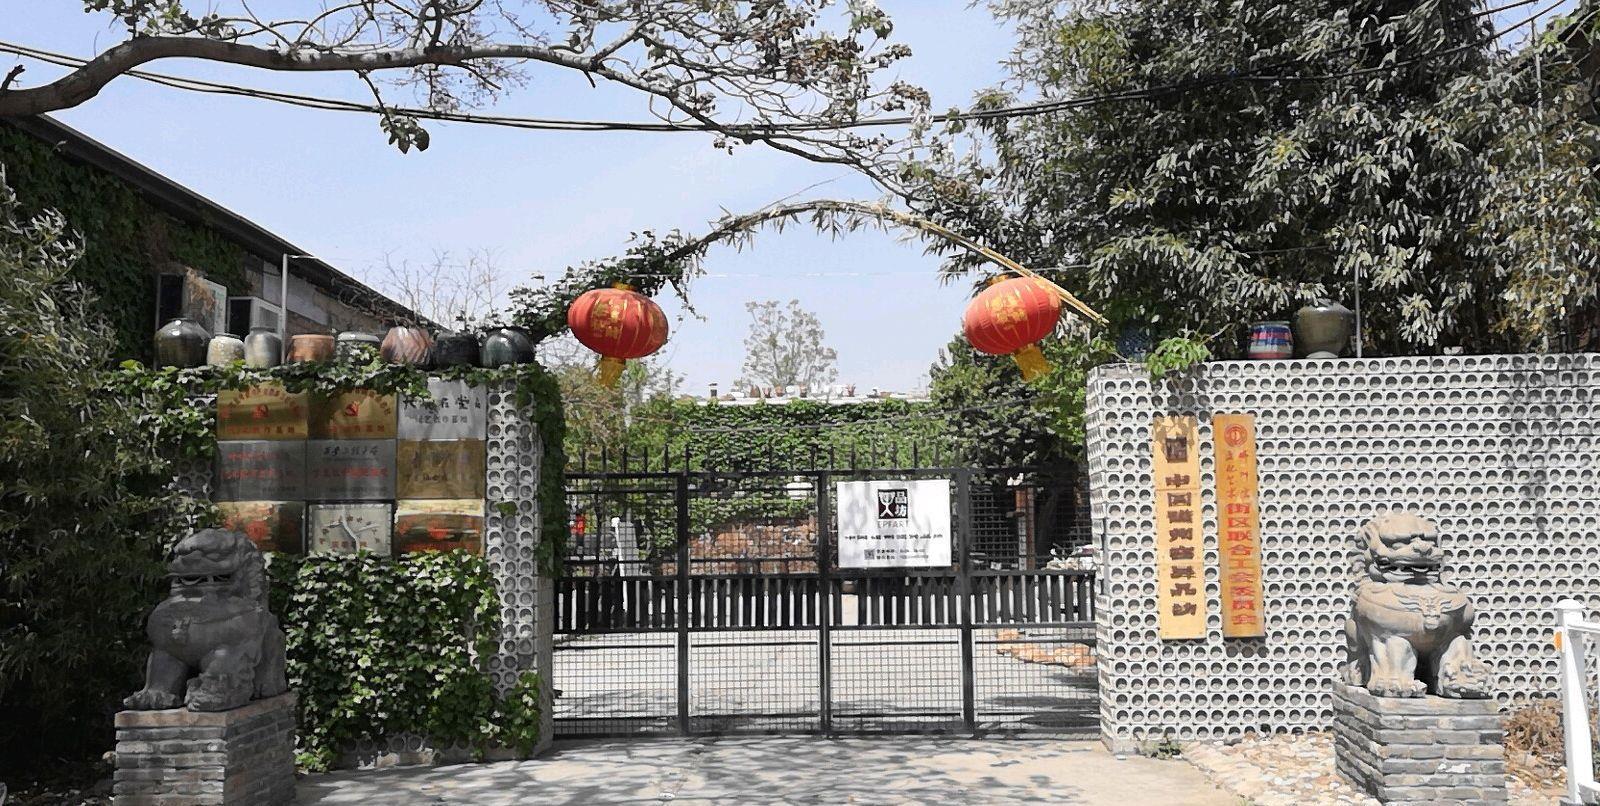 武安佛协陶瓷工坊期待您的加入